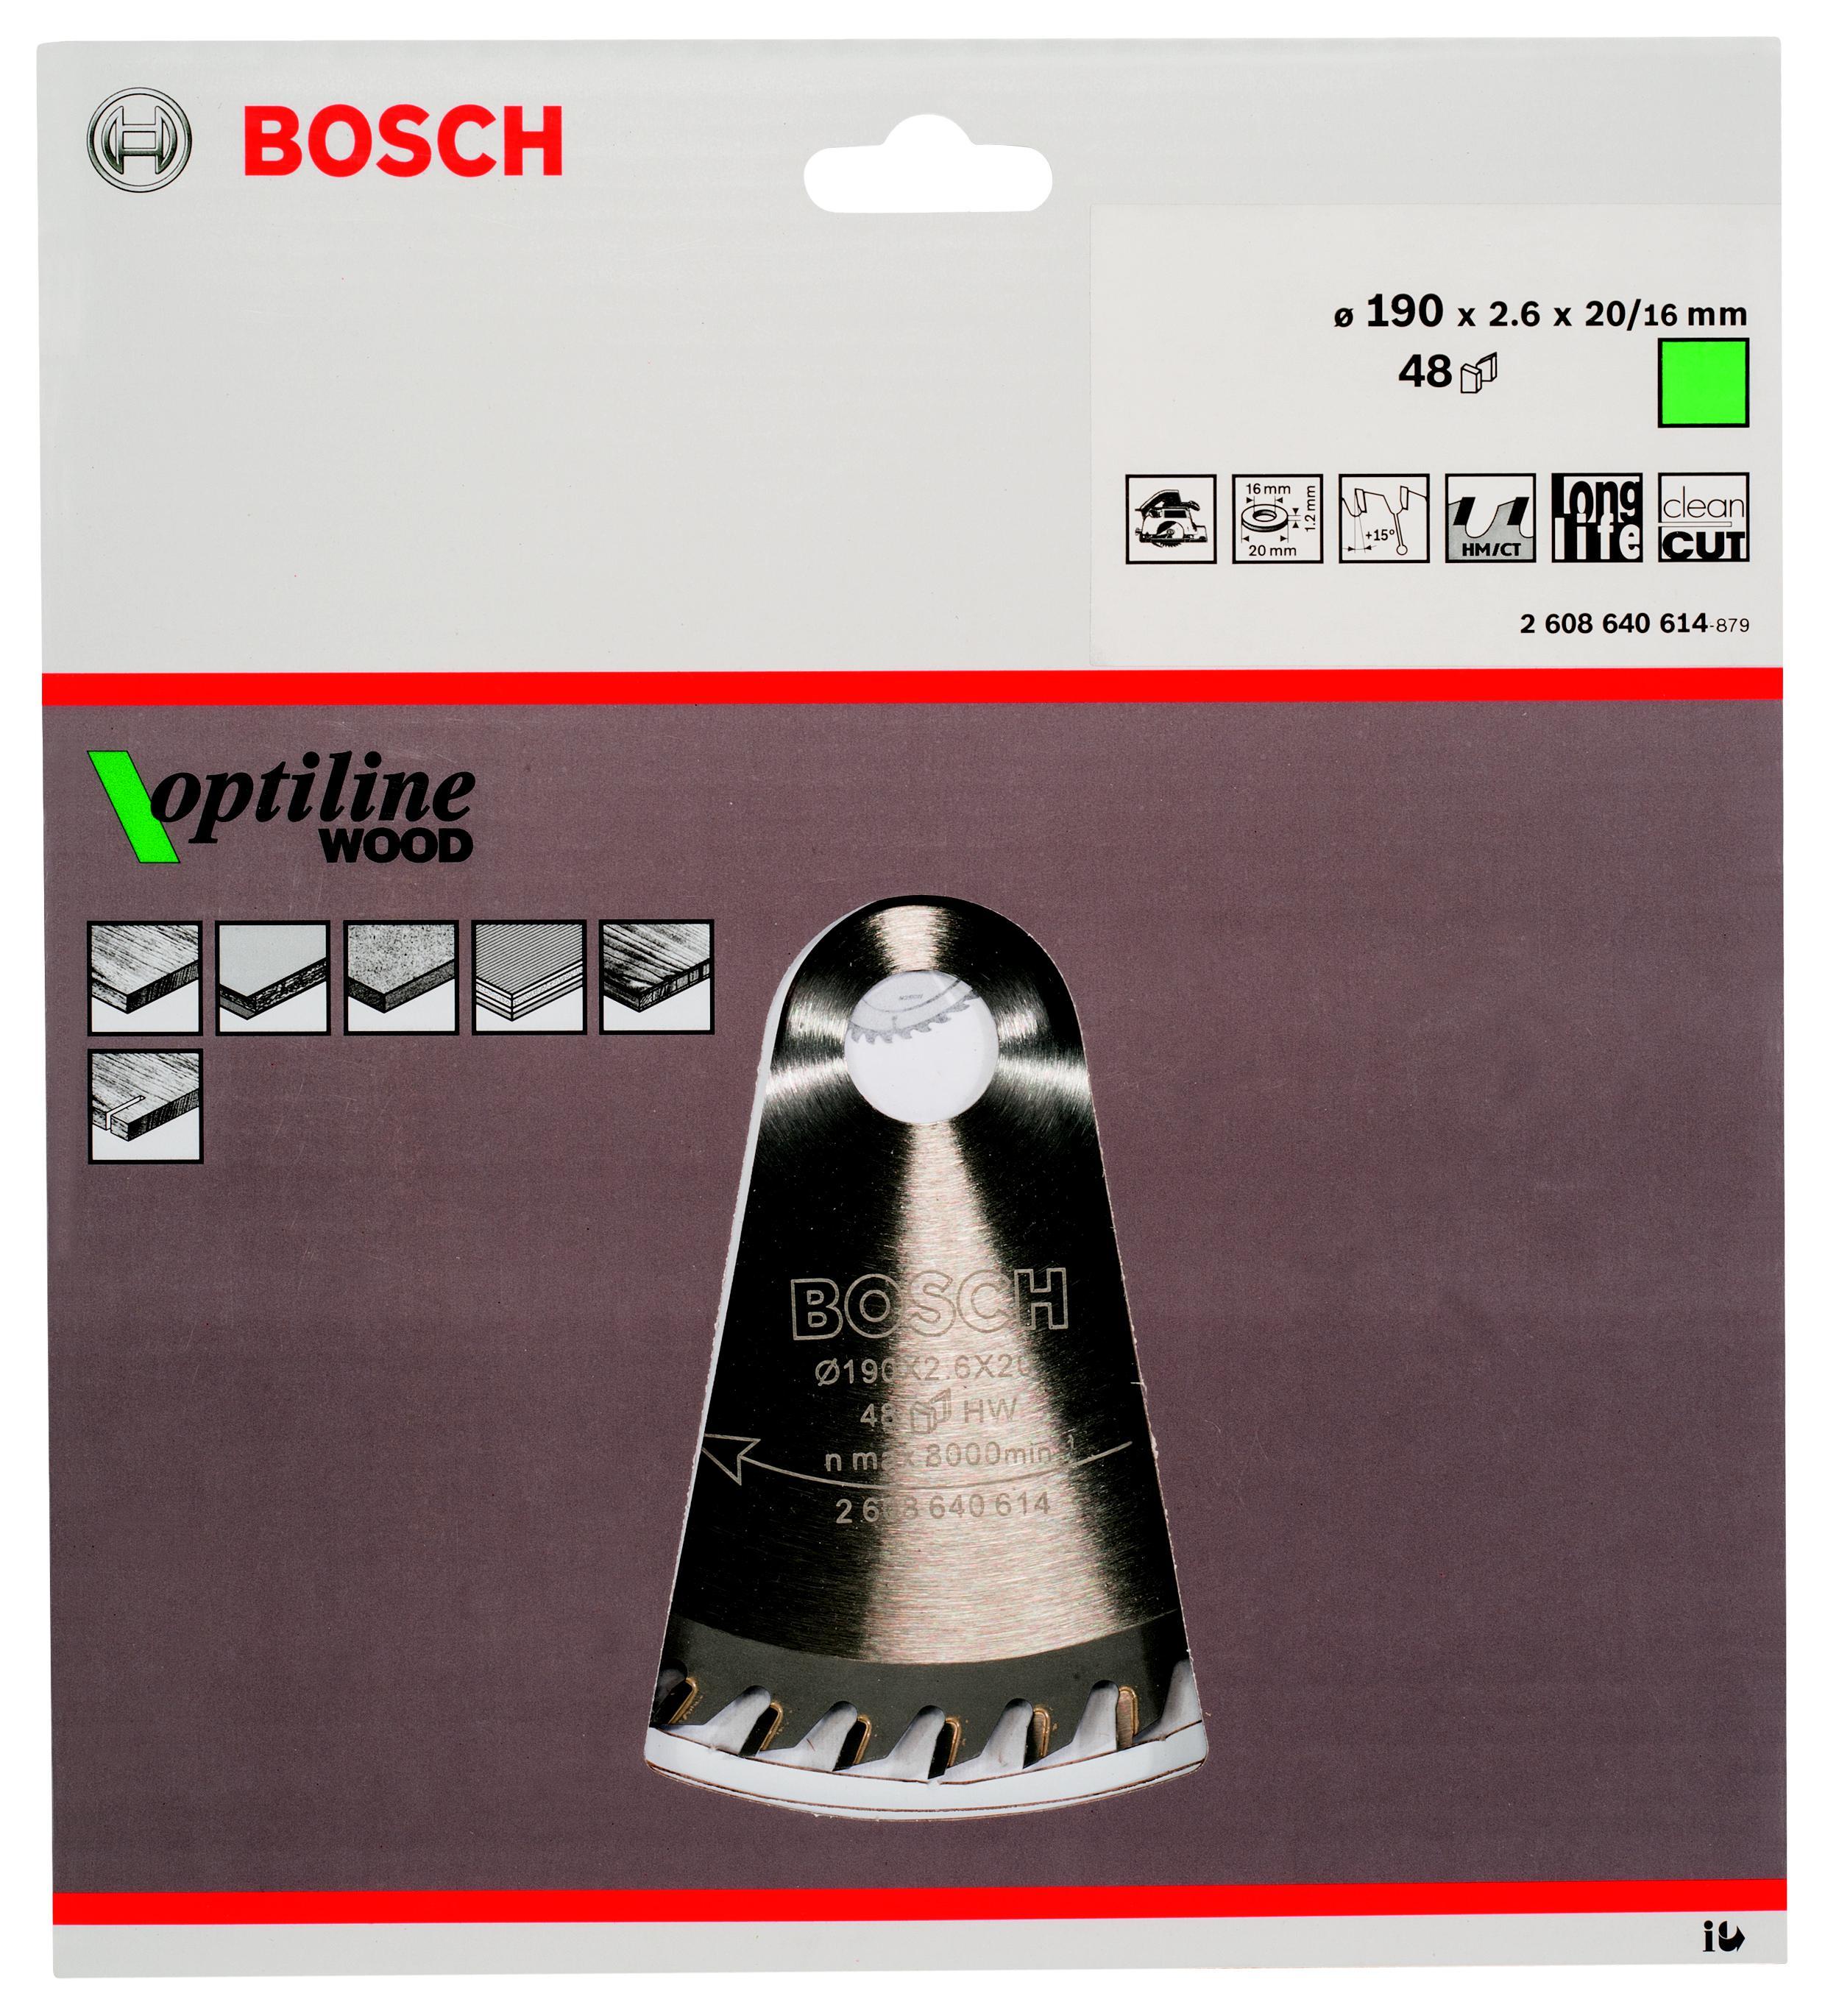 Диск пильный твердосплавный Bosch Optiline wood 190x48x20/16 (2.608.640.614) диск пильный твердосплавный bosch optiline wood 305x60x30 gcm 12 2 608 640 441